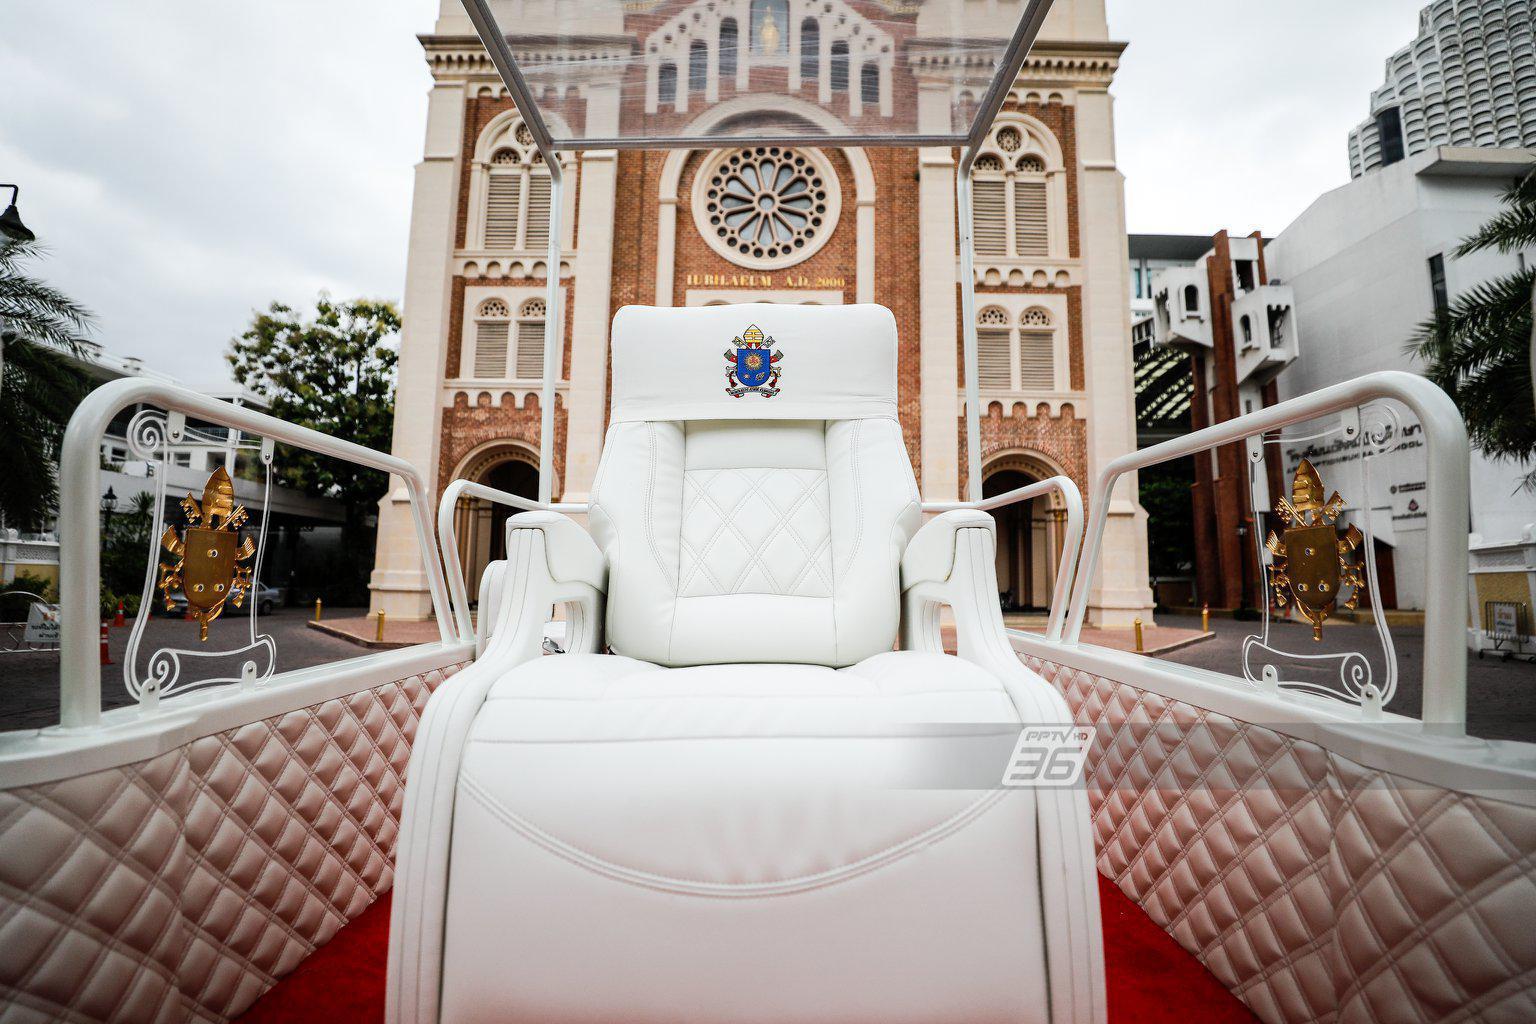 Popemobile ยานพาหนะของสมเด็จพระสันตะปาปาฟรังซิส